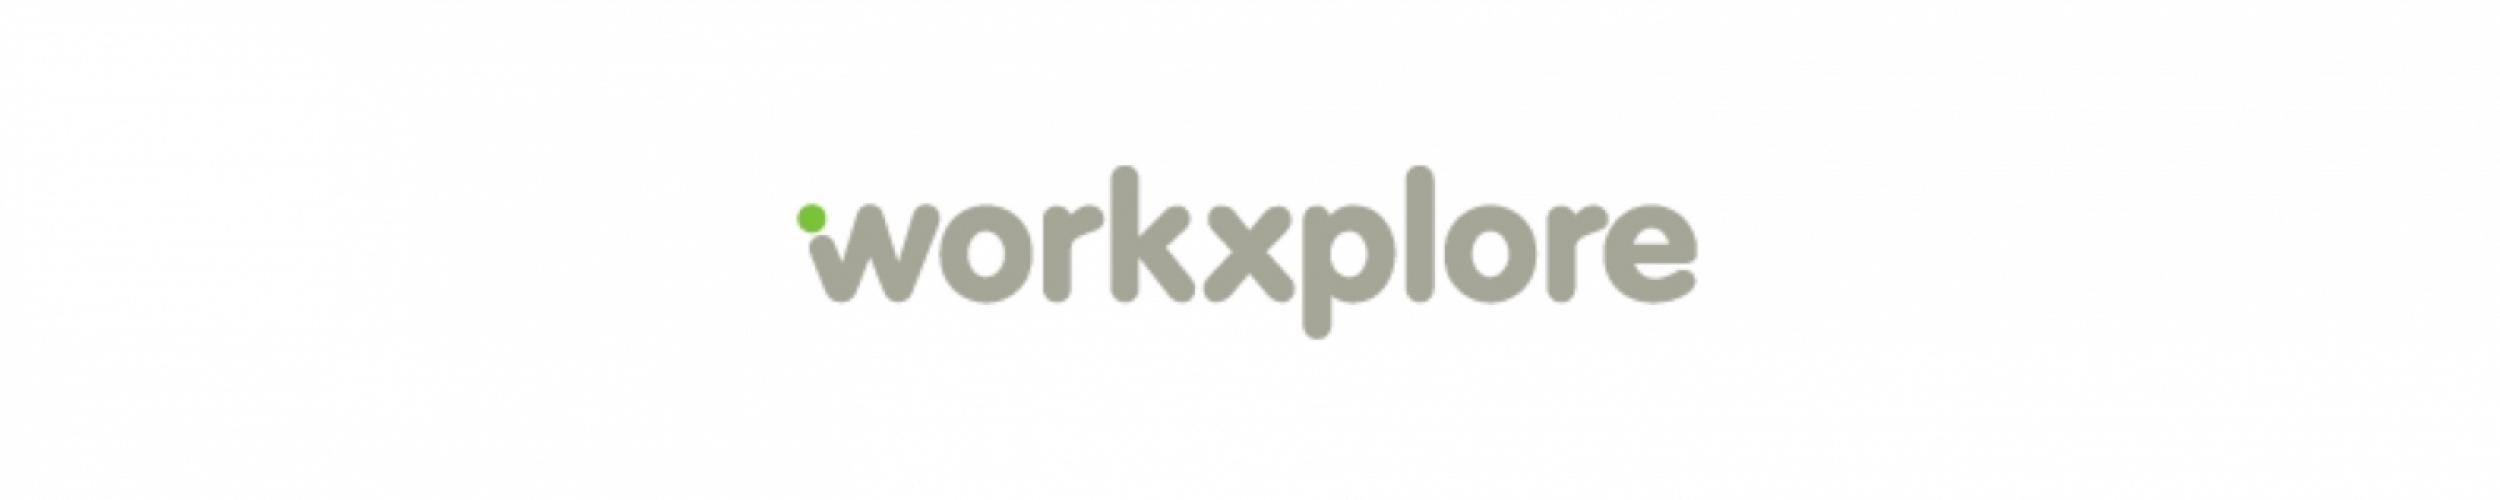 WorkXplore